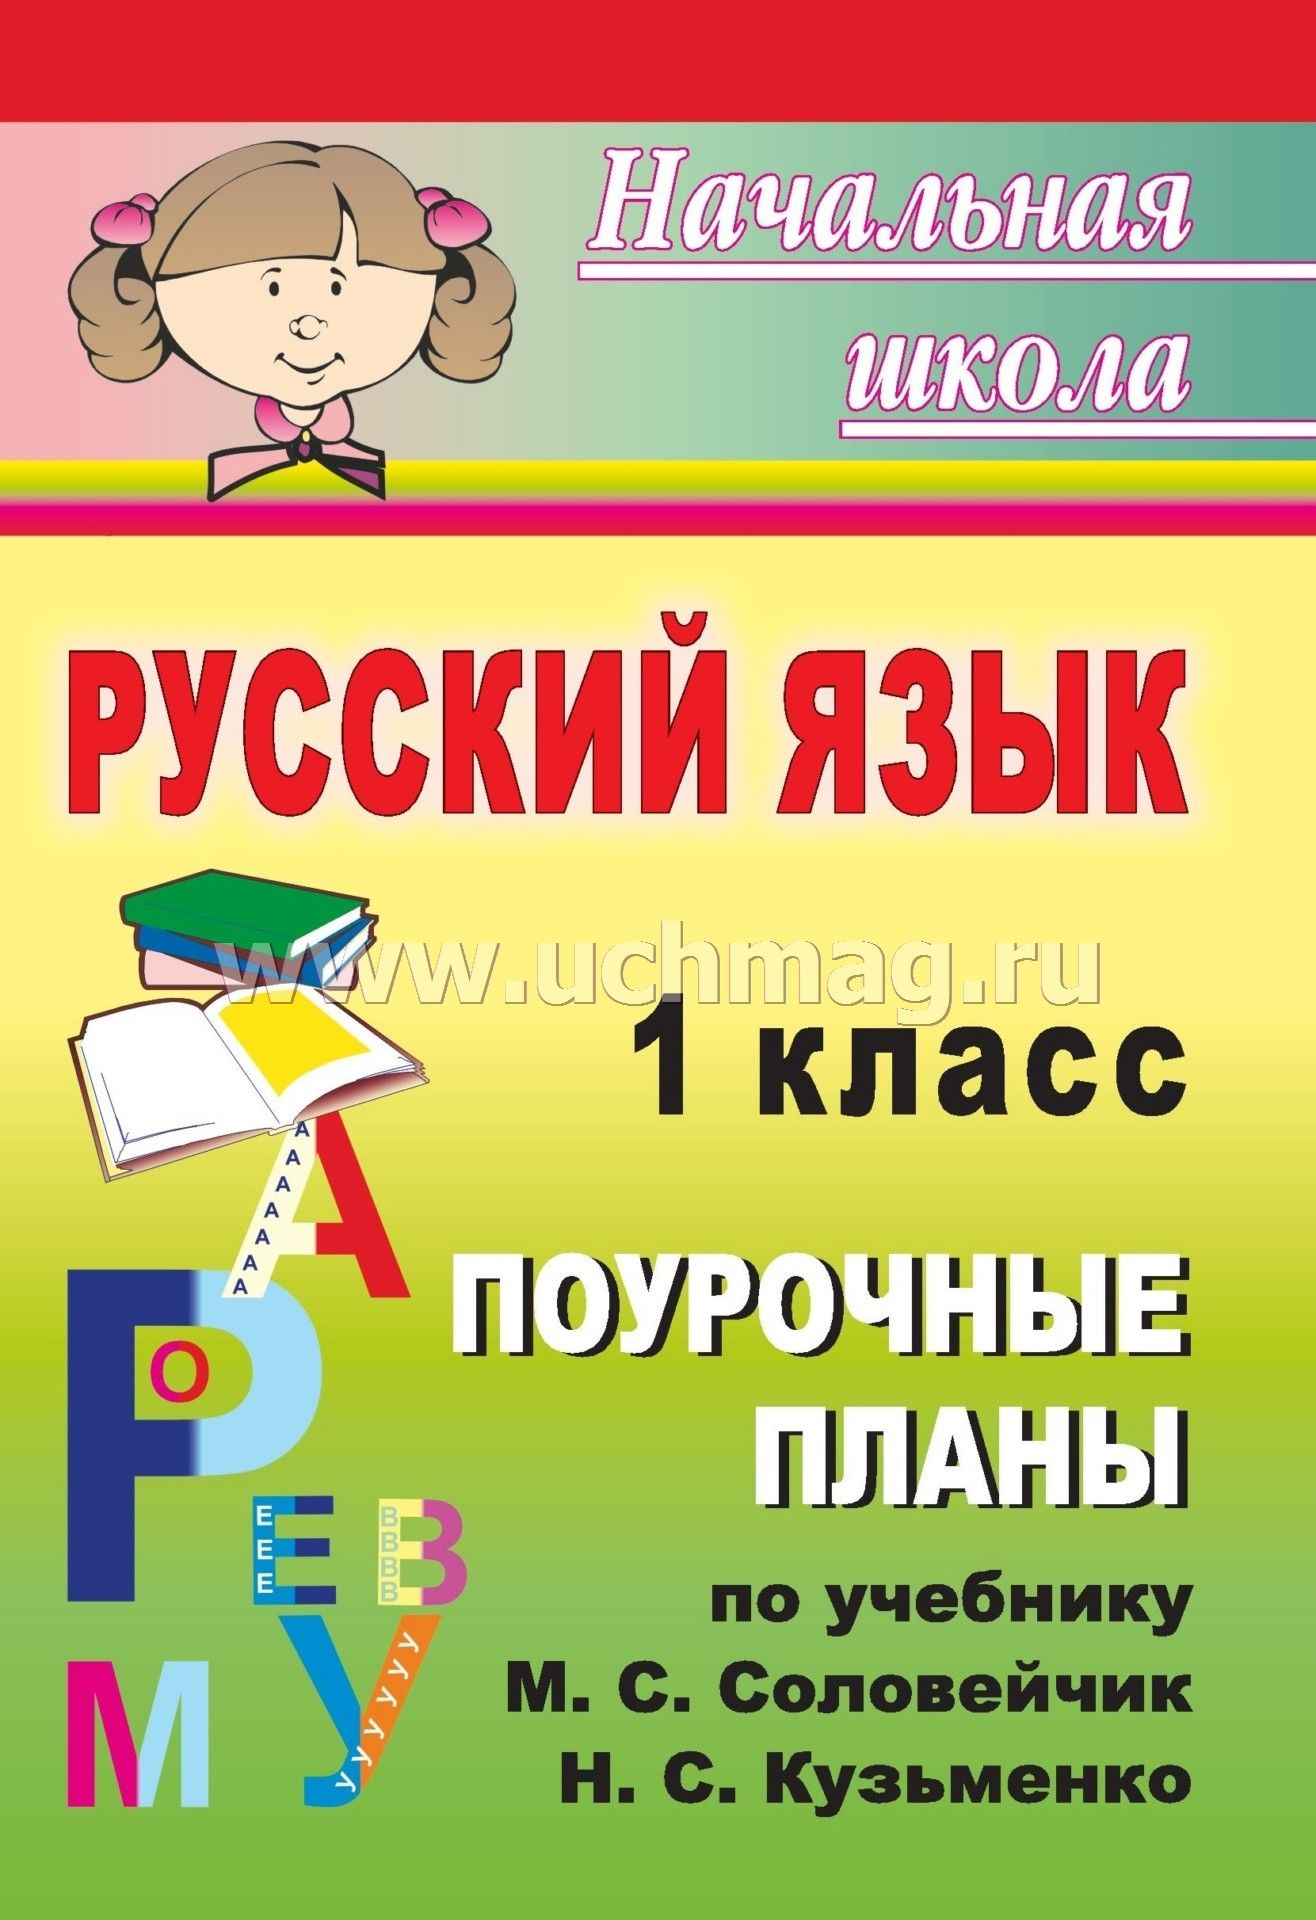 Урок по русскому языку 2 класс соловейчик по теме как сделать текс хорошим